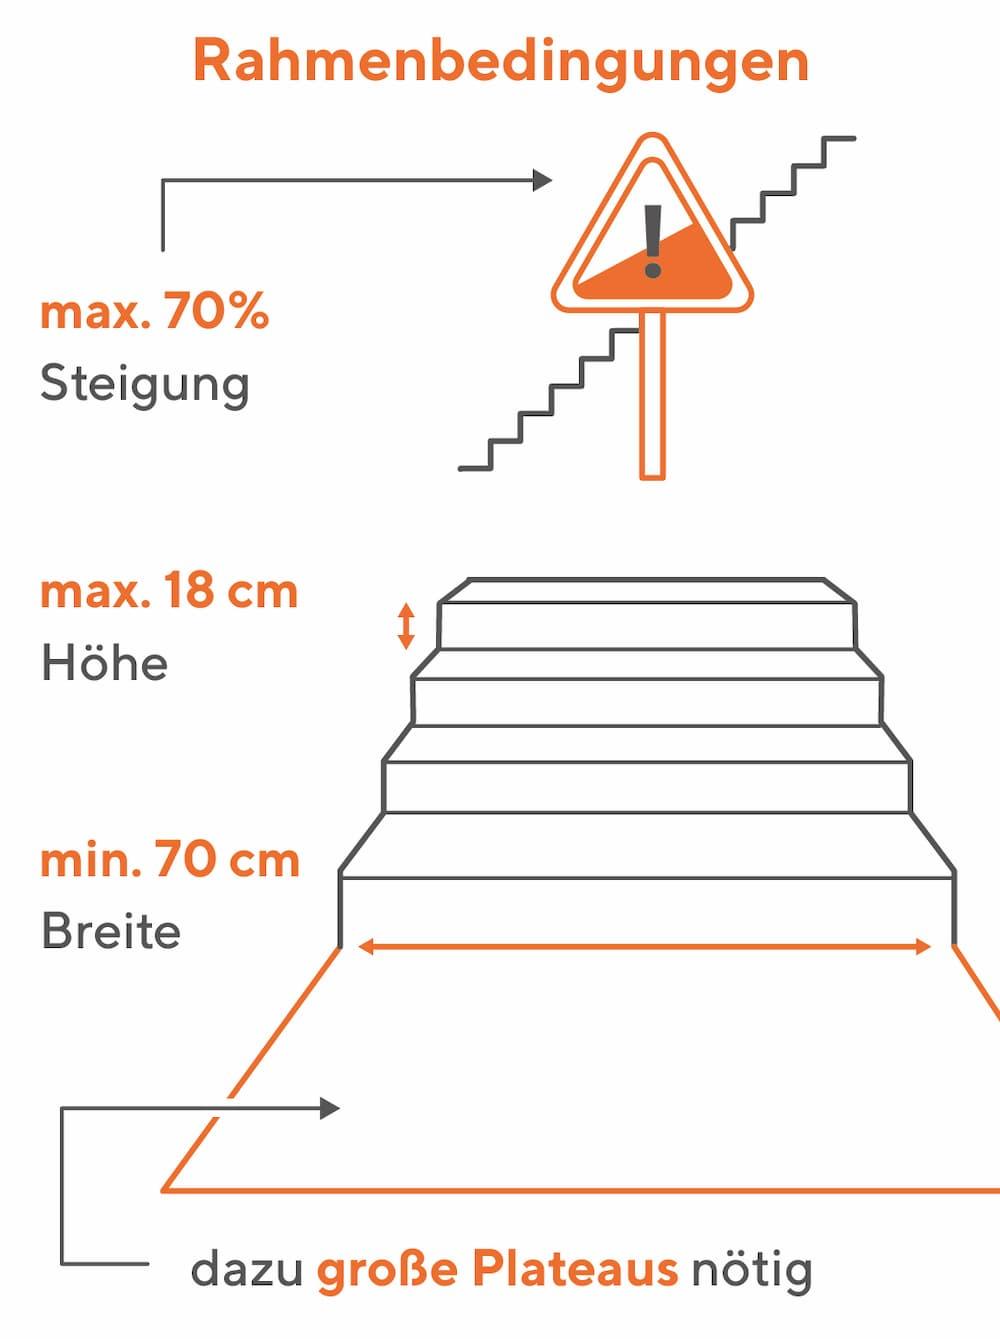 Treppenraupe: Folgende Rahmenbedingungen müssen erfüllt sein